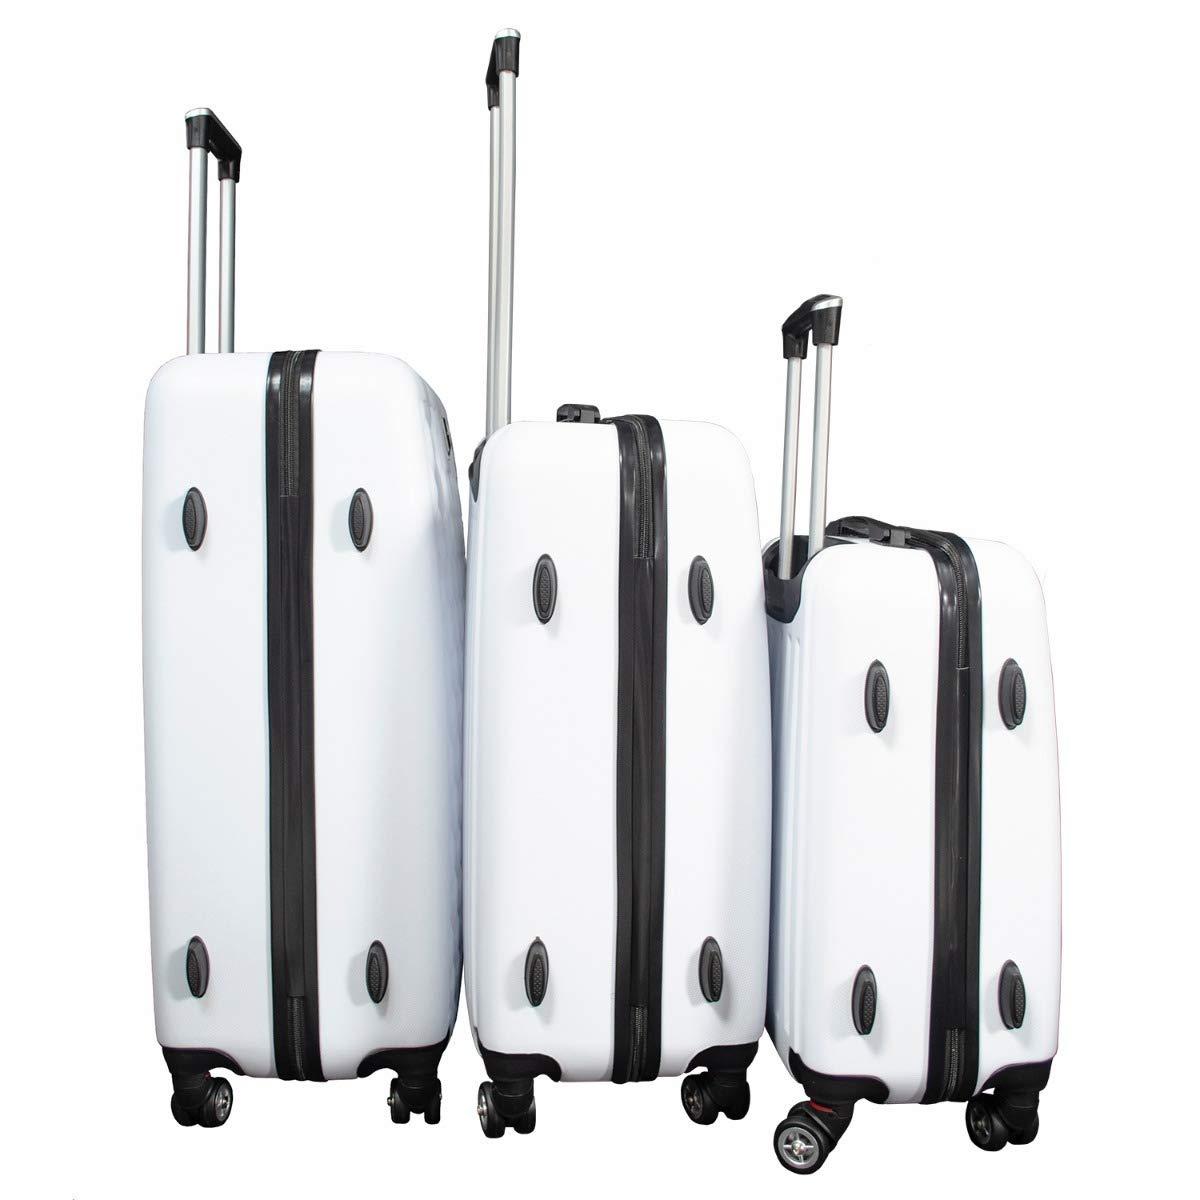 abc8ee37ebe Juego Kit Set de 3 Maletas Rígidas Viaje Resistentes Maleta Excelente  Calidad 8 Ruedas Vacaciones Blanca